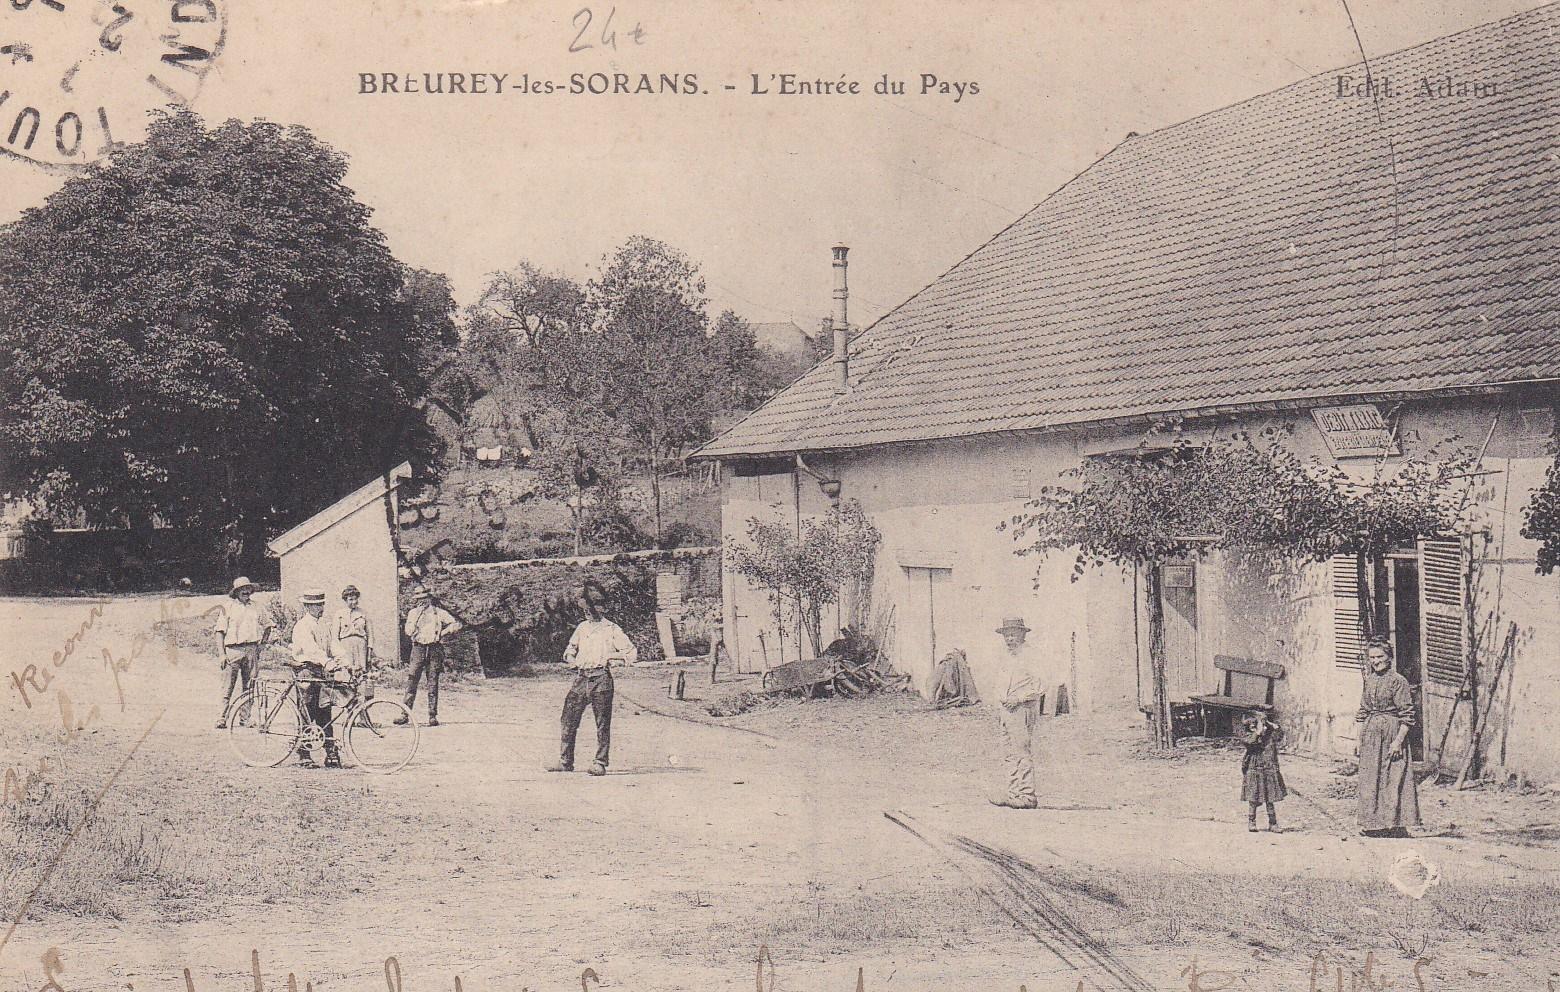 breurey-6